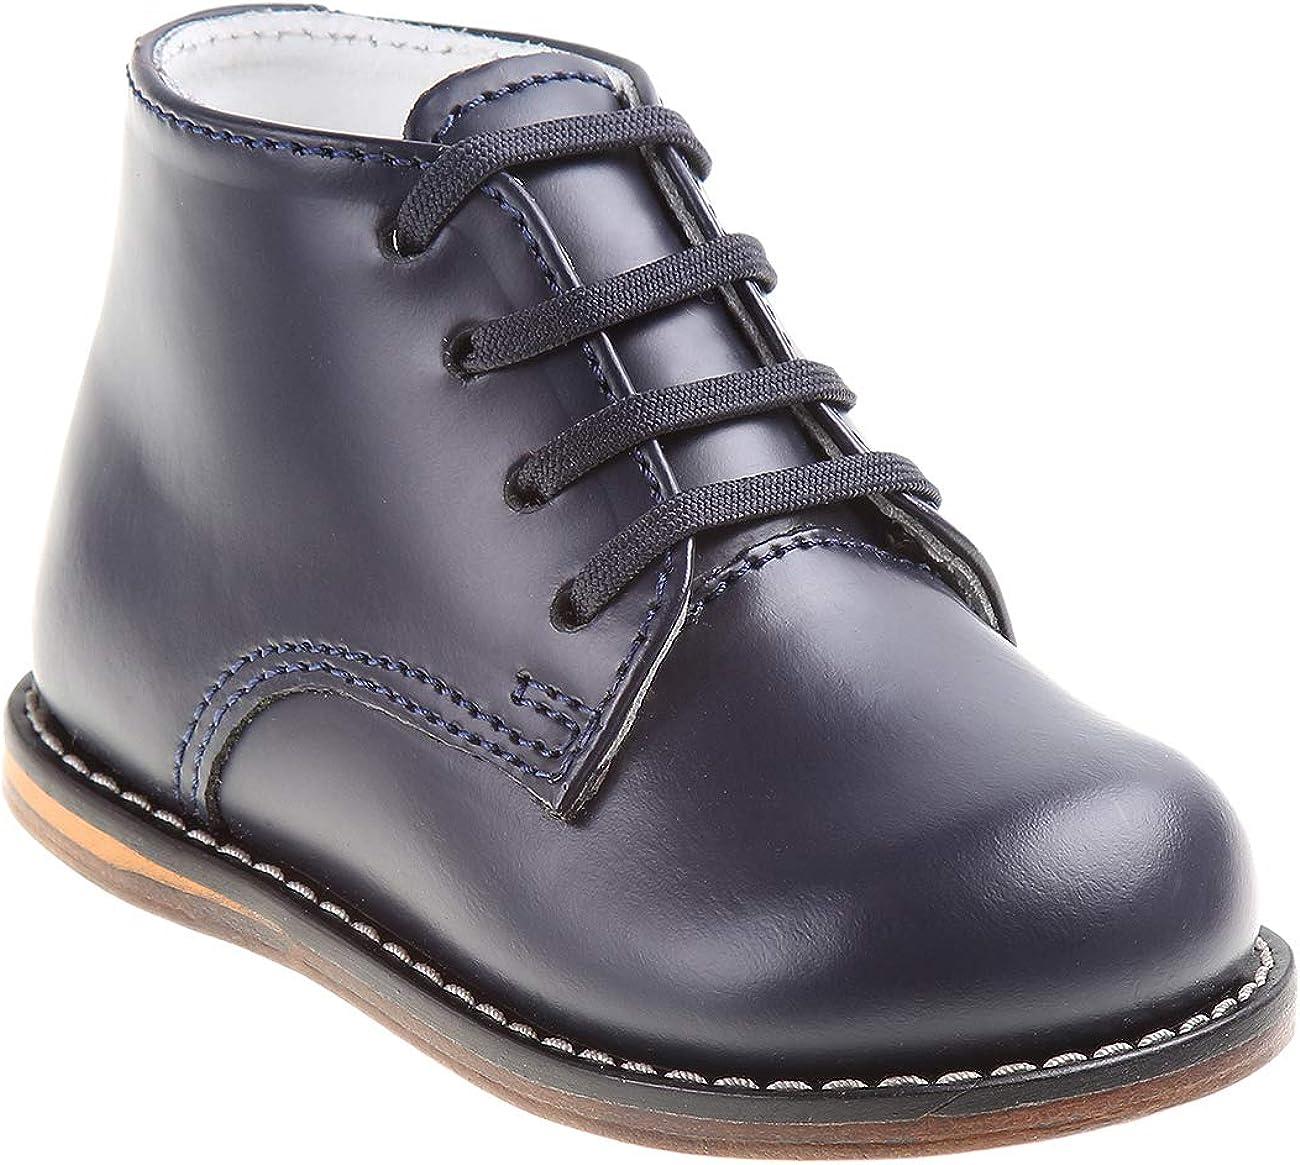 Amazon.com: Josmo 2-8 - Zapatillas de senderismo, Azul: Shoes